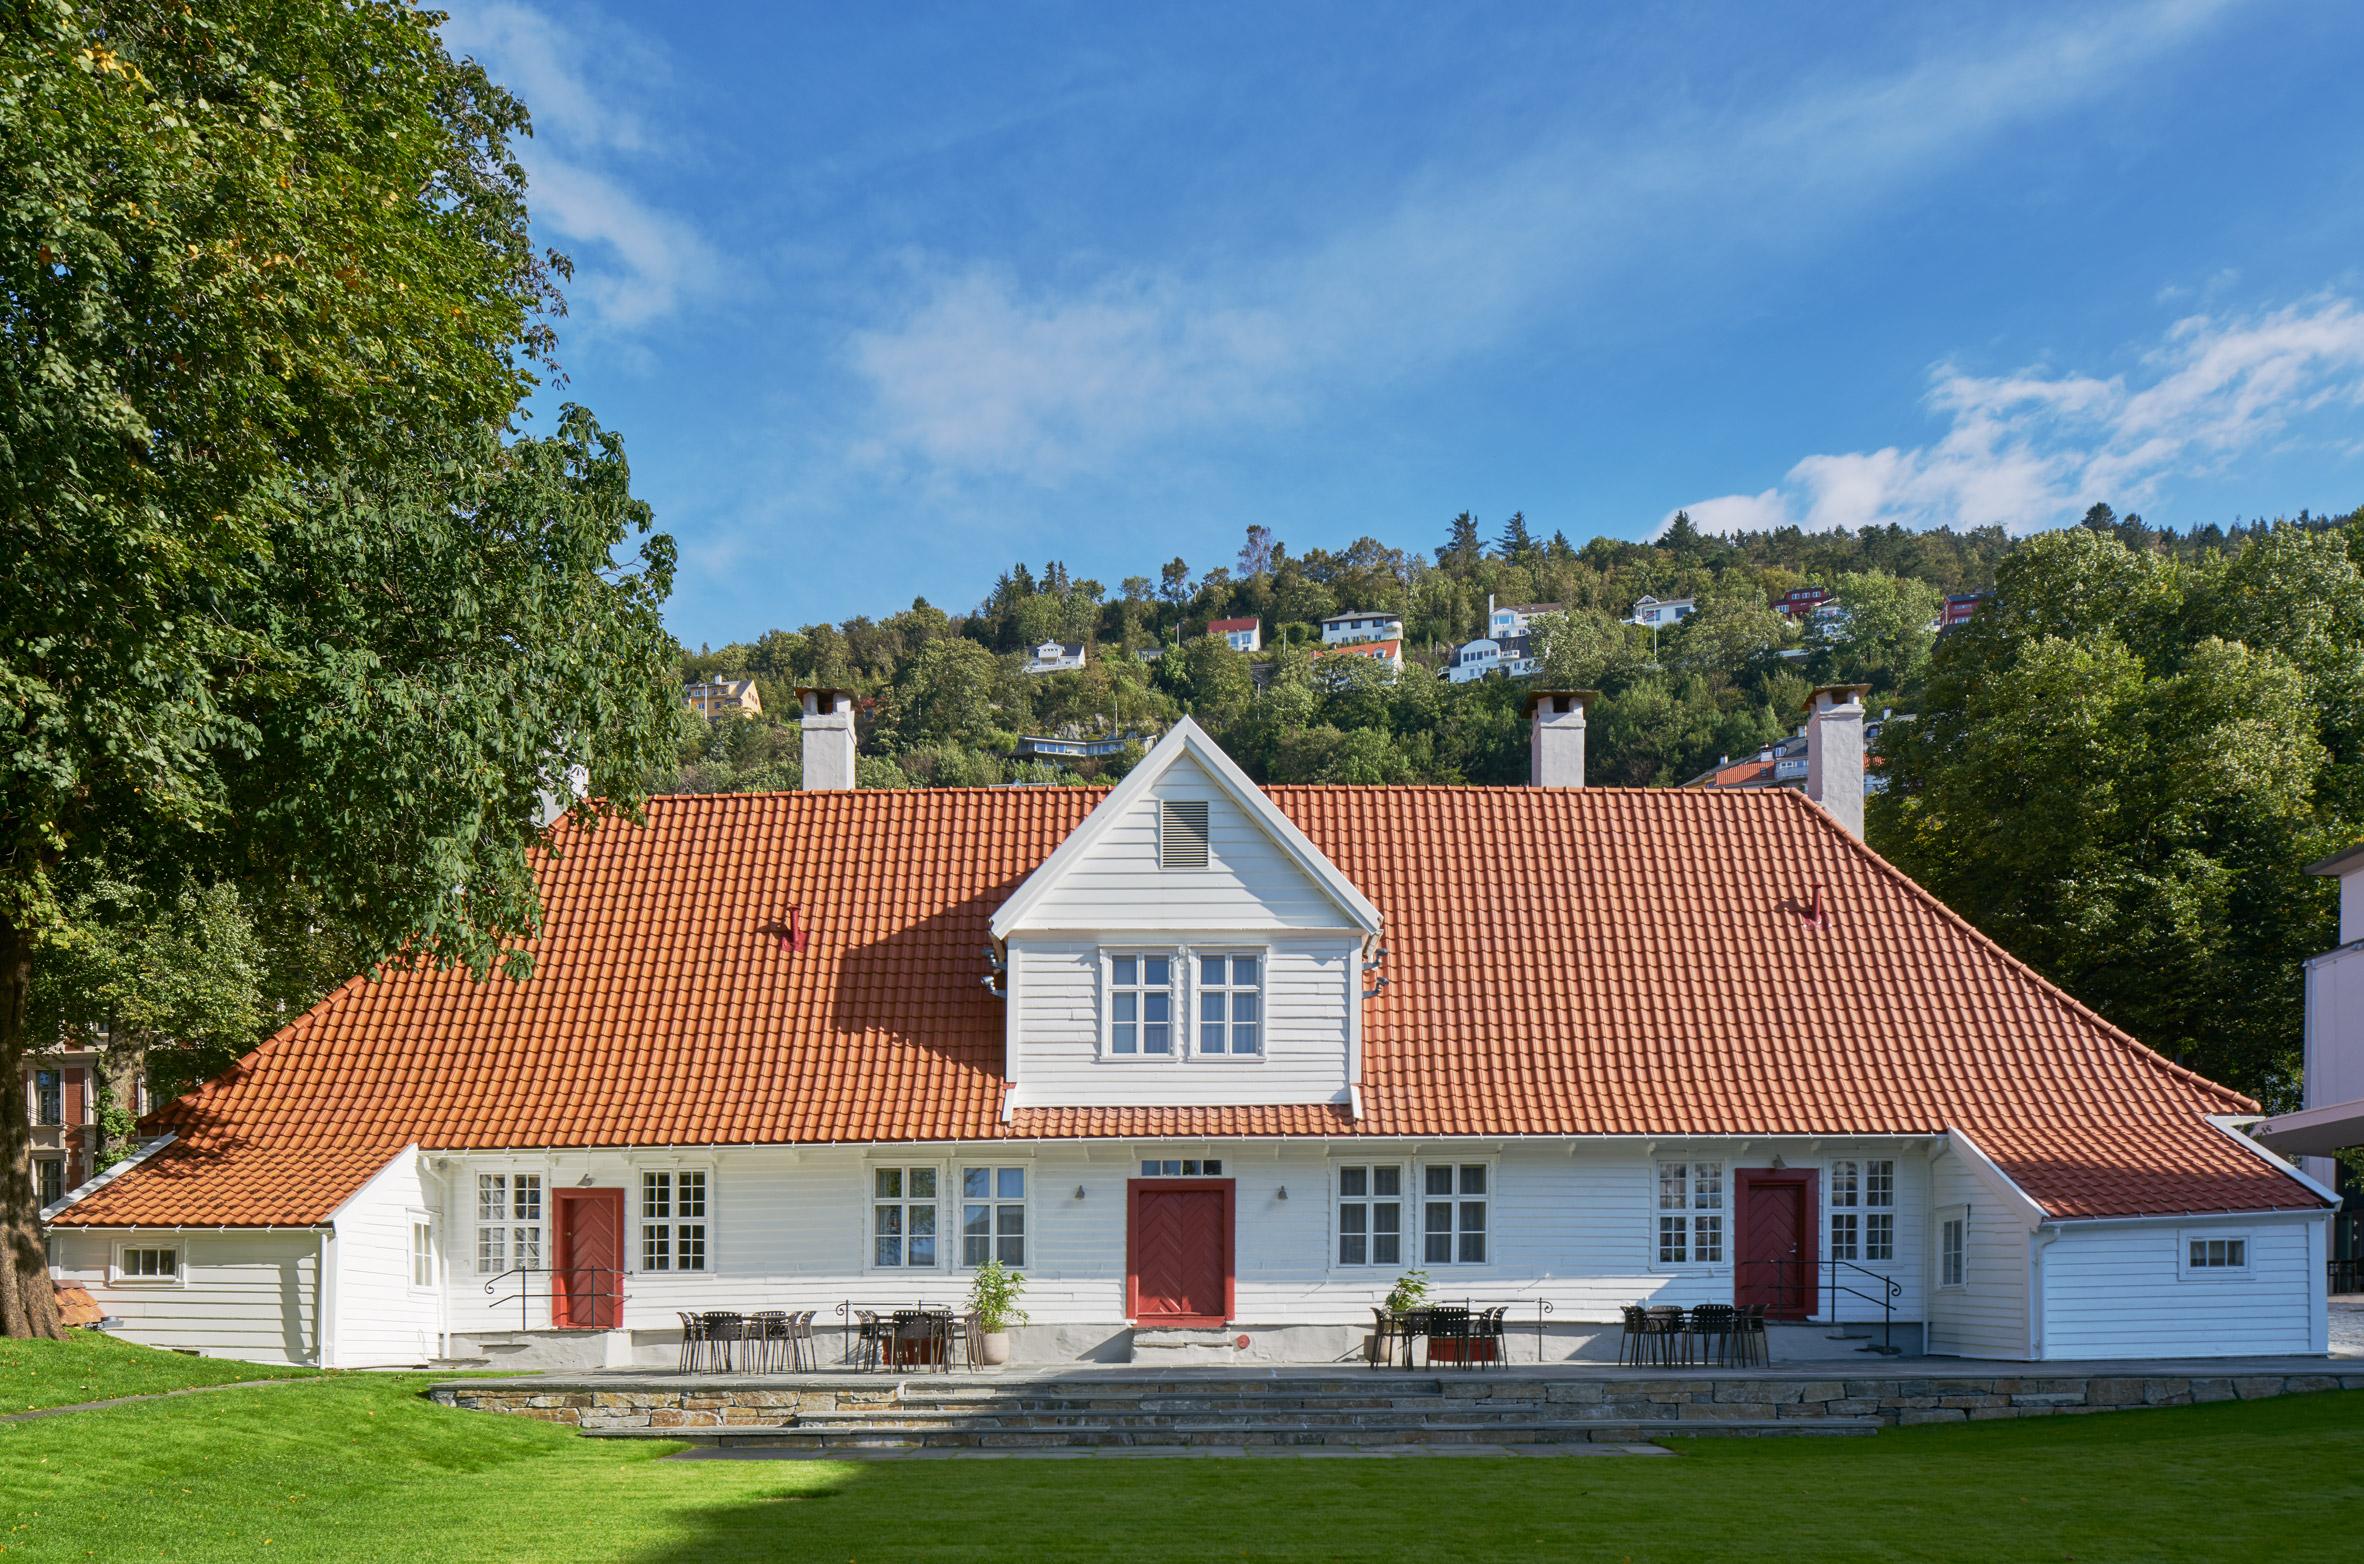 Villa Terminus hotel n Bergen by Claesson Koivisto Rune